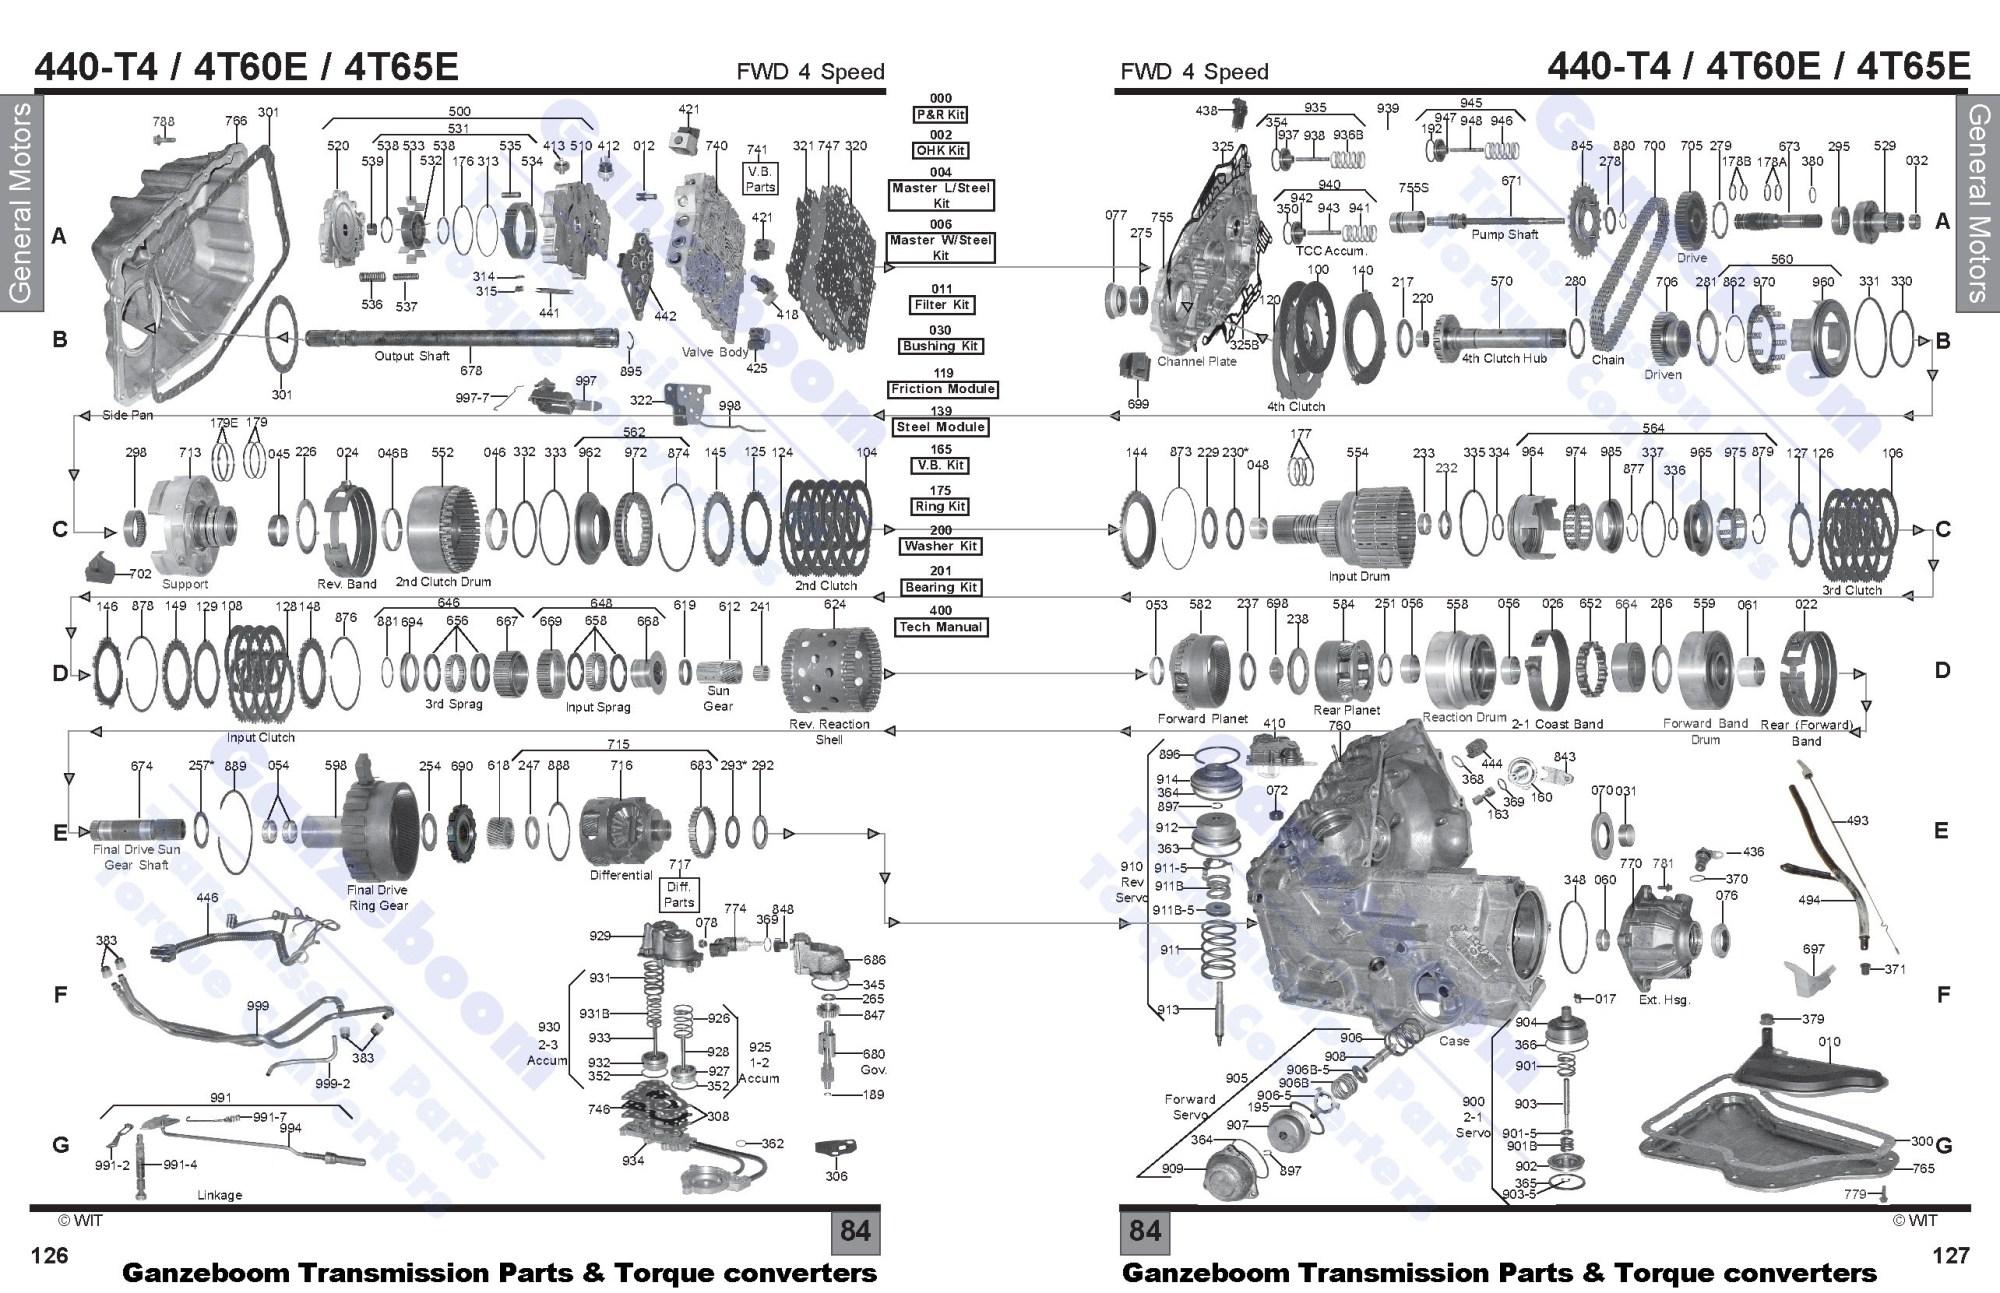 hight resolution of 4t65e pinout diagram schema diagram database4t65e wiring diagram wiring library 440 t4 4t60e 4t65e rh webshop